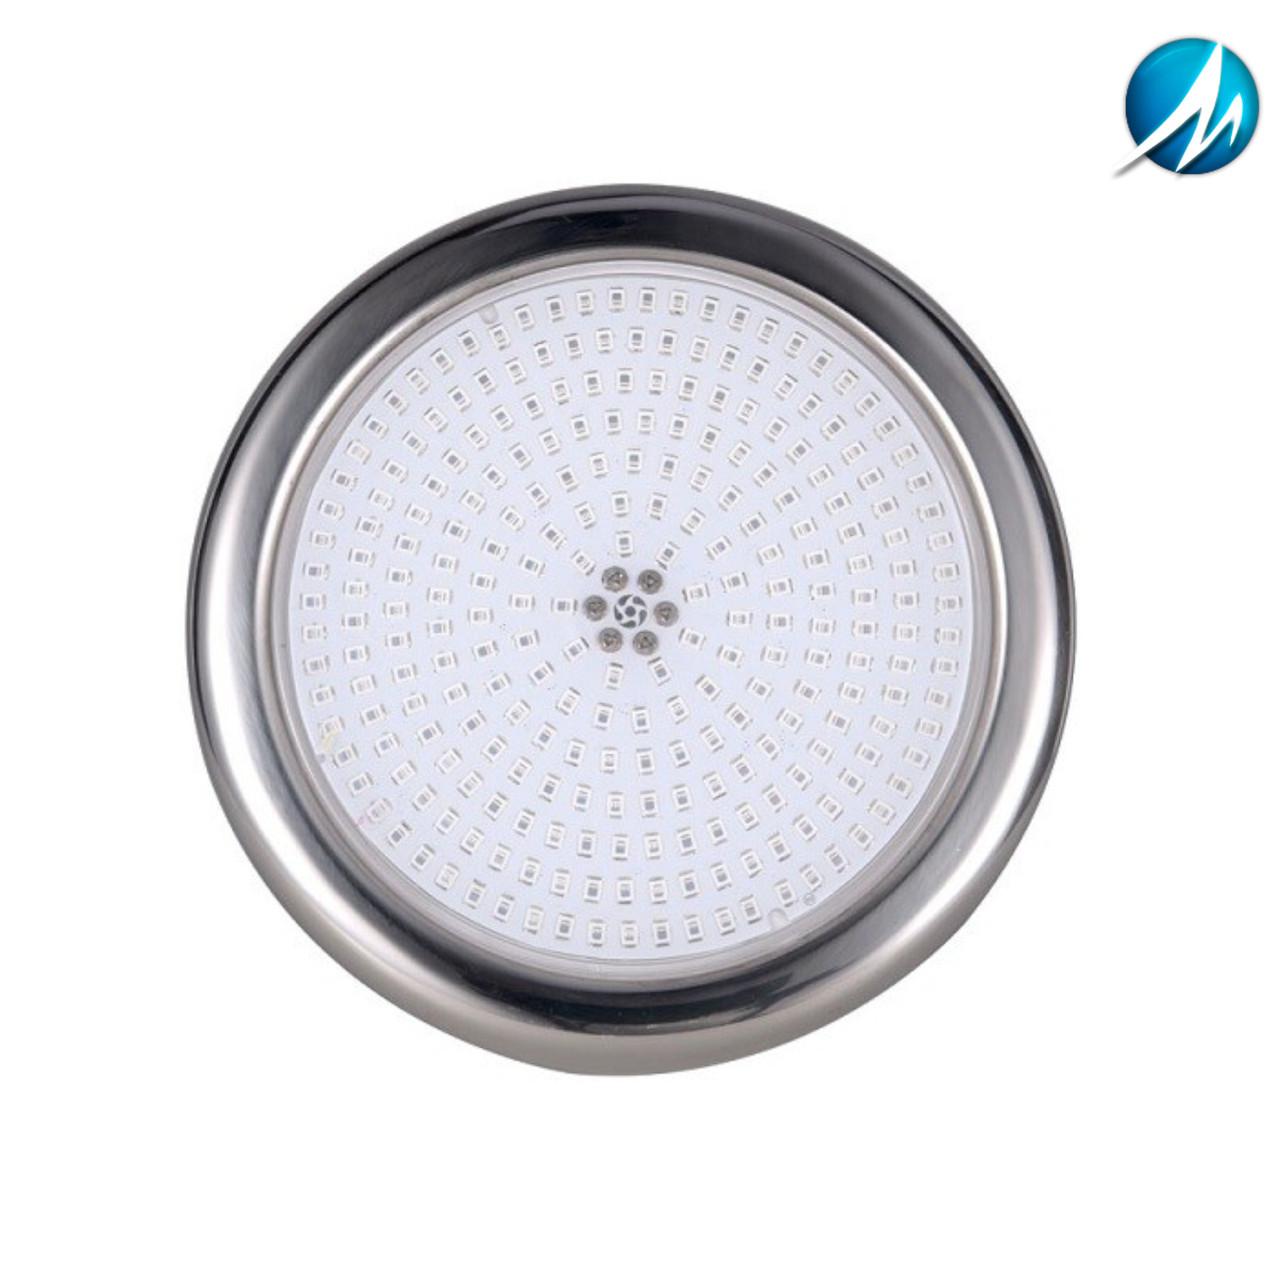 Прожектор светодиодный Aquaviva LED227C 252LED (18 Вт) RGB, тип крепления защелки